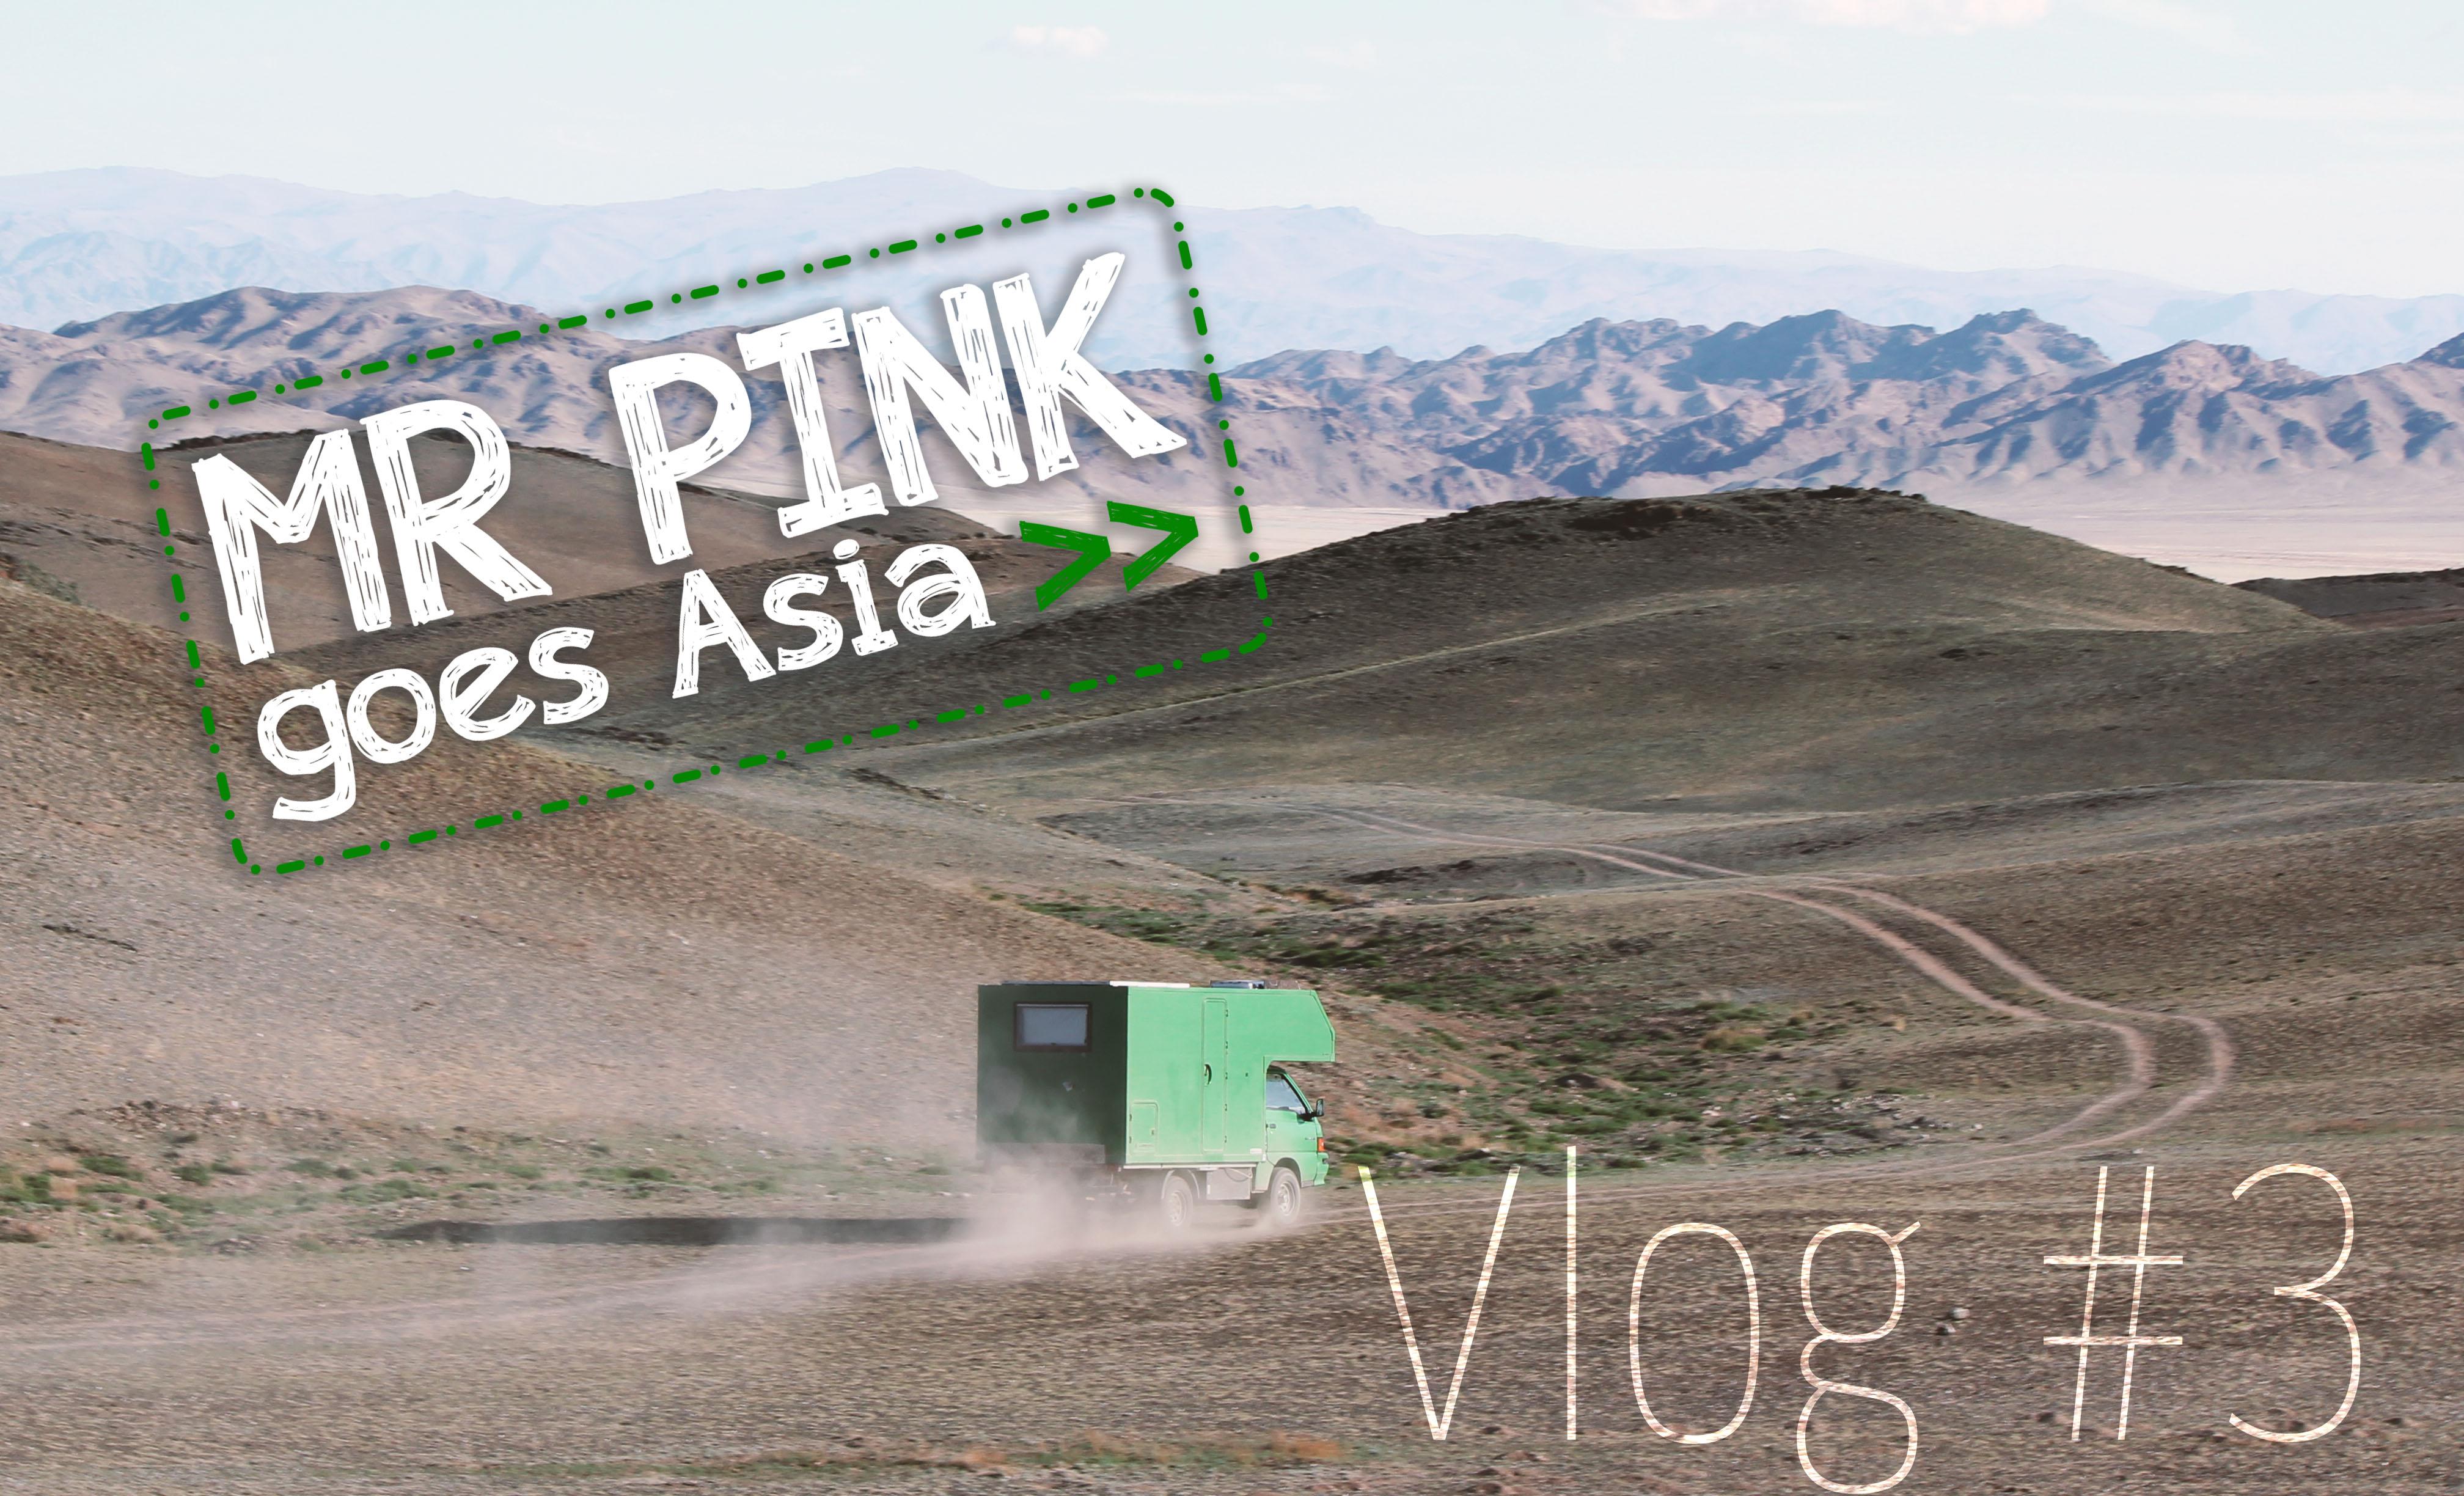 Ab in die Wüste – Vlog #3